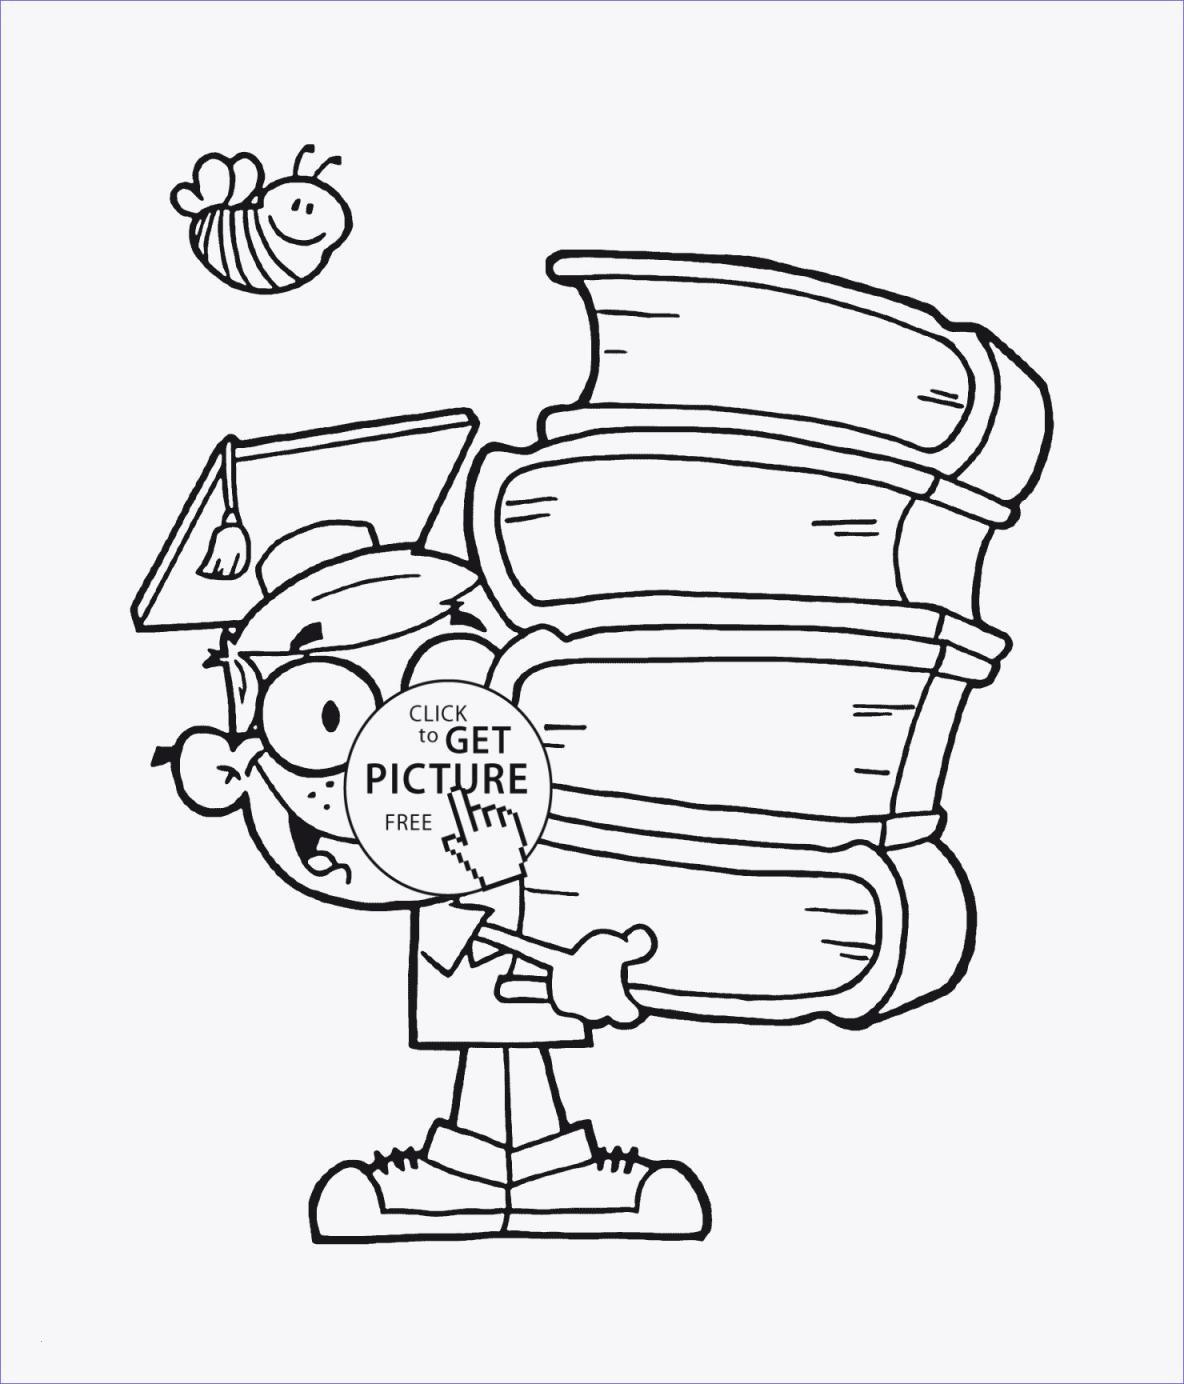 Emojis Zum Ausmalen Genial 45 Frisch Ausmalbilder Joker Mickeycarrollmunchkin Das Bild